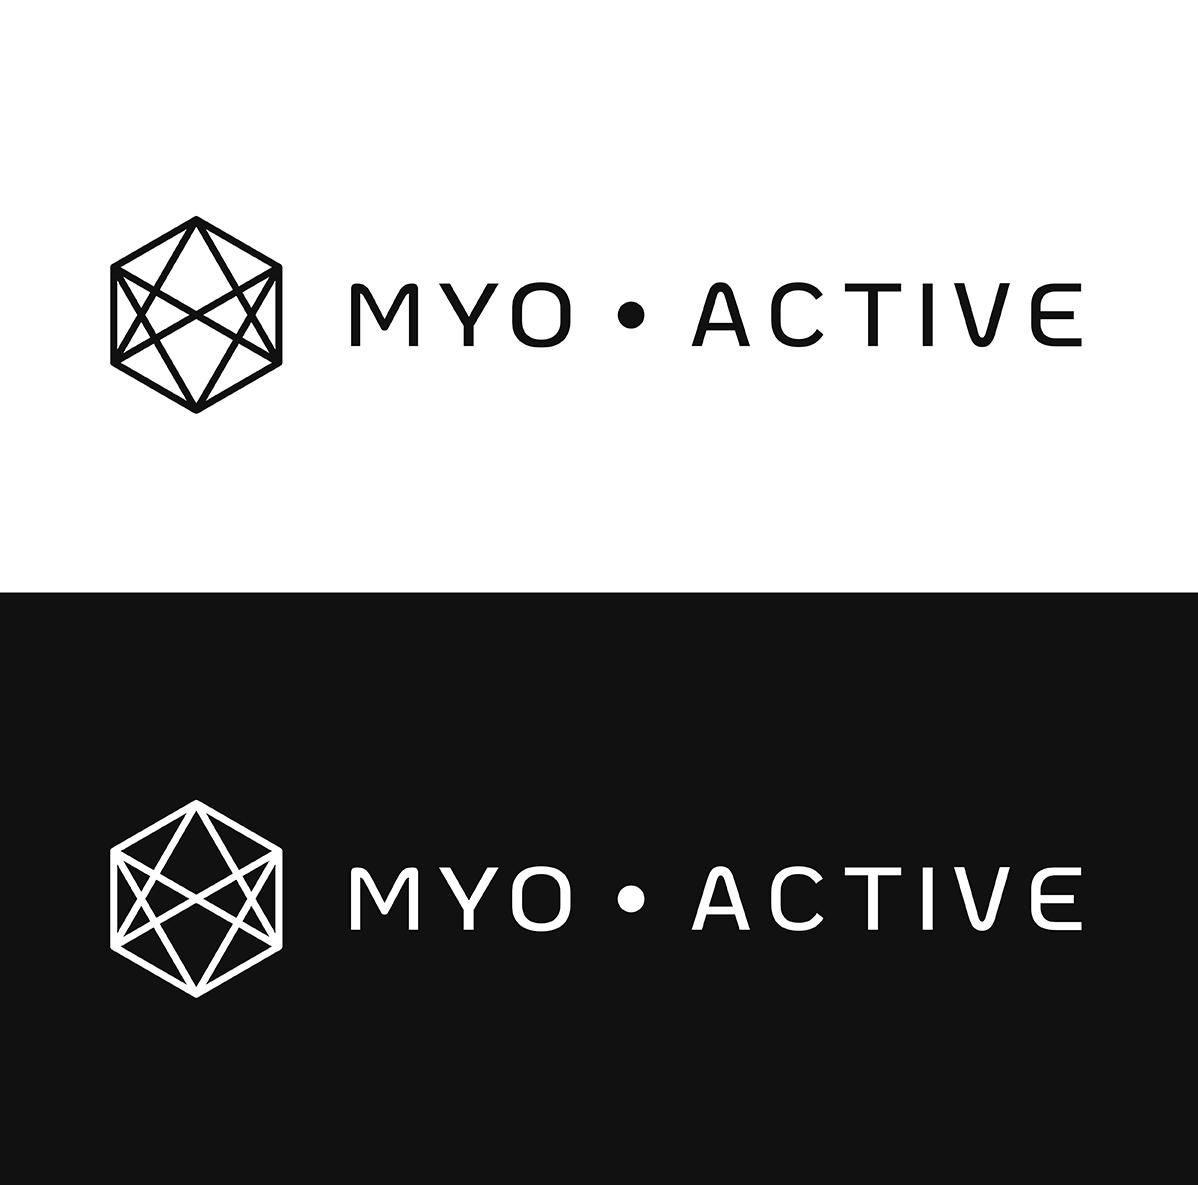 myo-active-diseño-de-logo